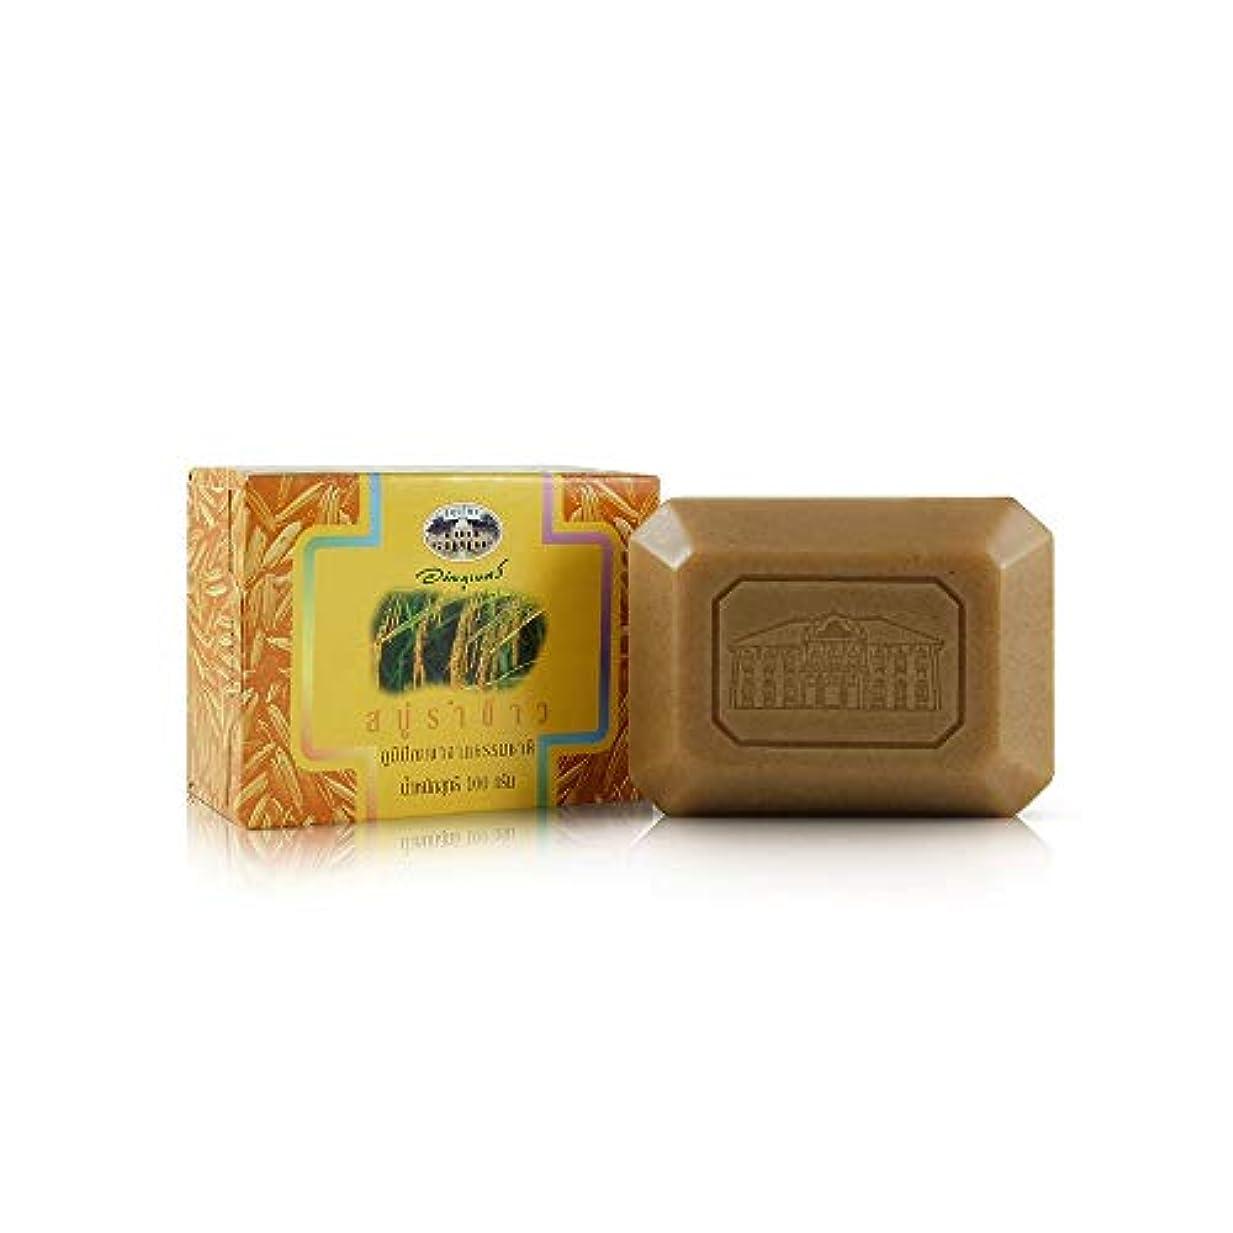 害虫フォーマット不正Abhaibhubejhr Rice Bran Herbal Body Cleansing Soap 100g. Abhaibhubejhrライスブランハーブボディクレンジングソープ100グラム。